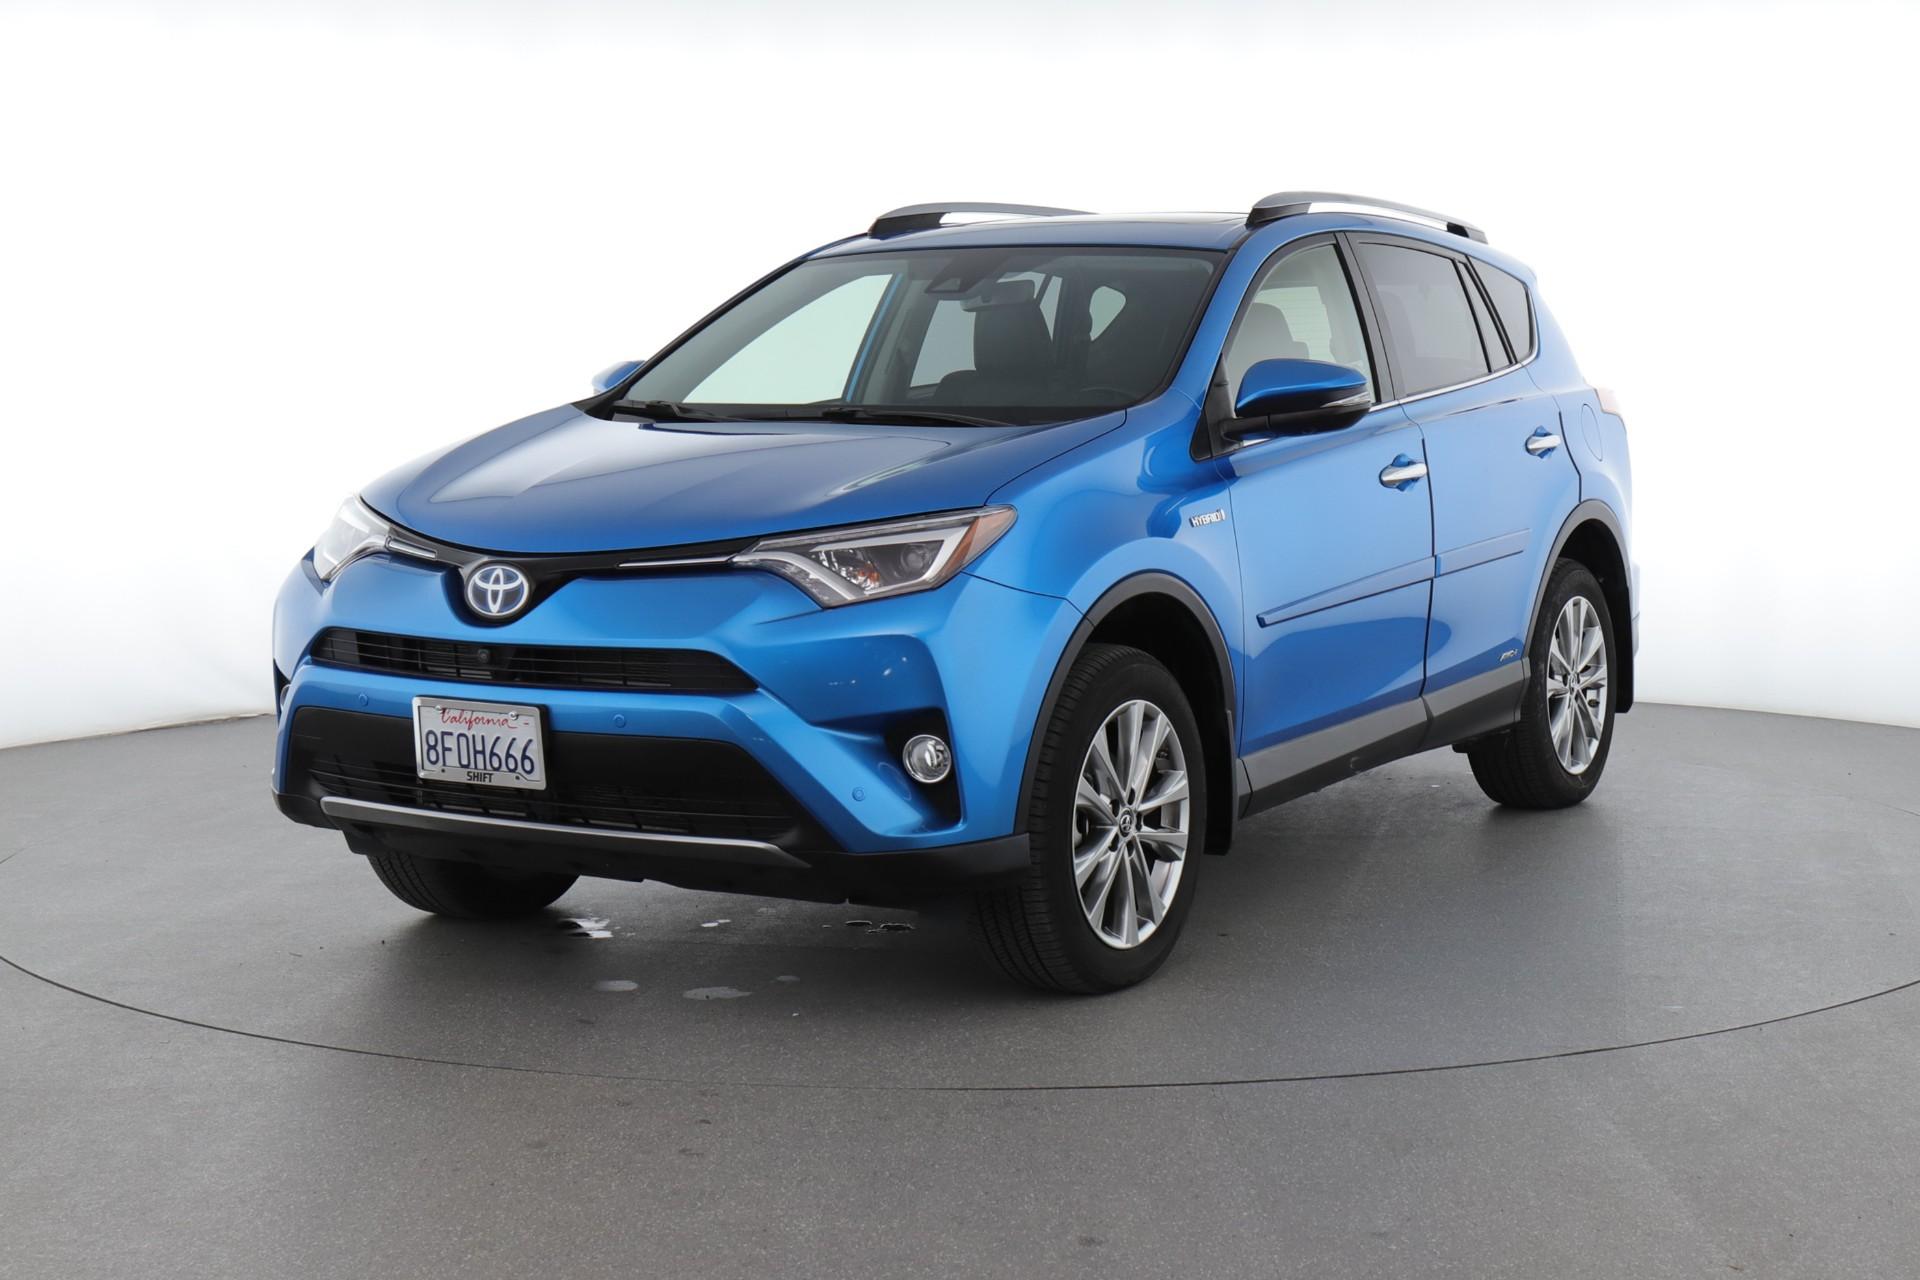 2018 Toyota RAV4 Hybrid Limited (from $33,950)